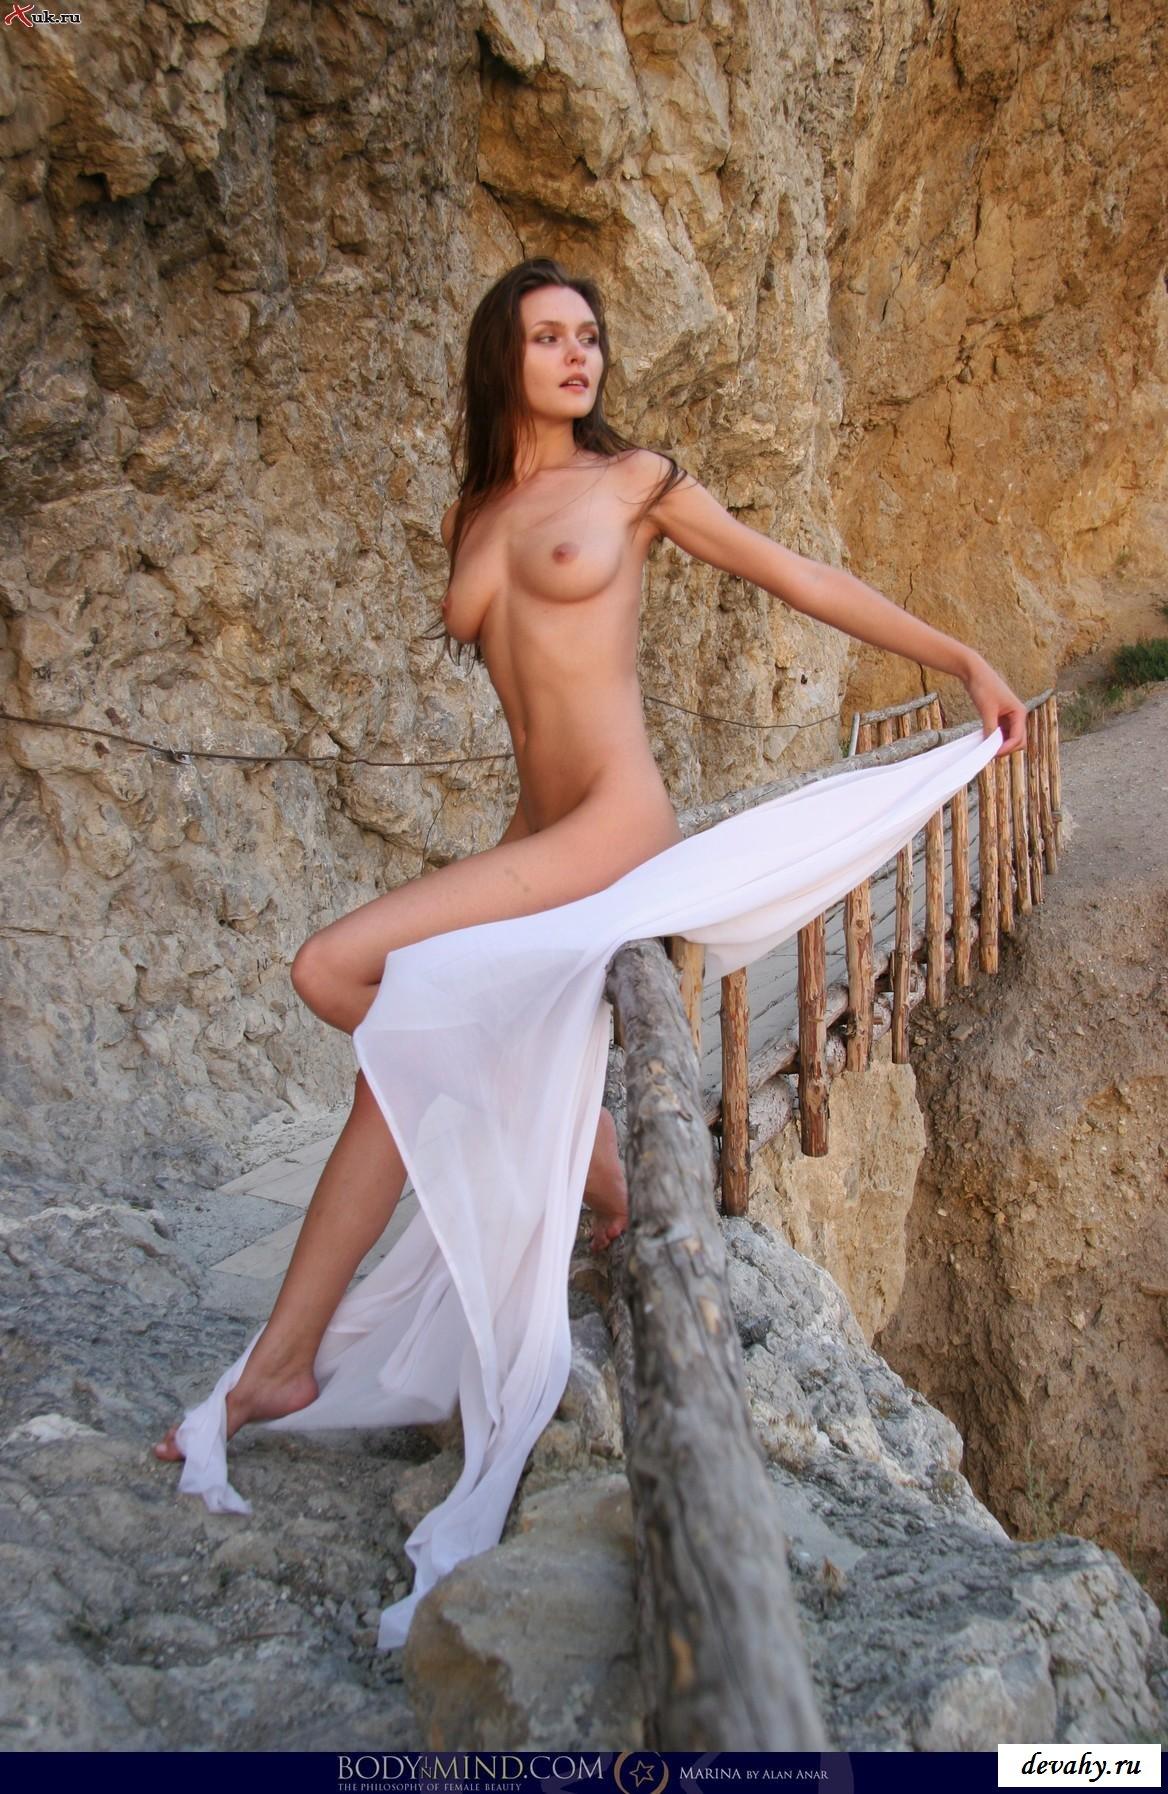 Сладюлечка сняла одежду на террасе